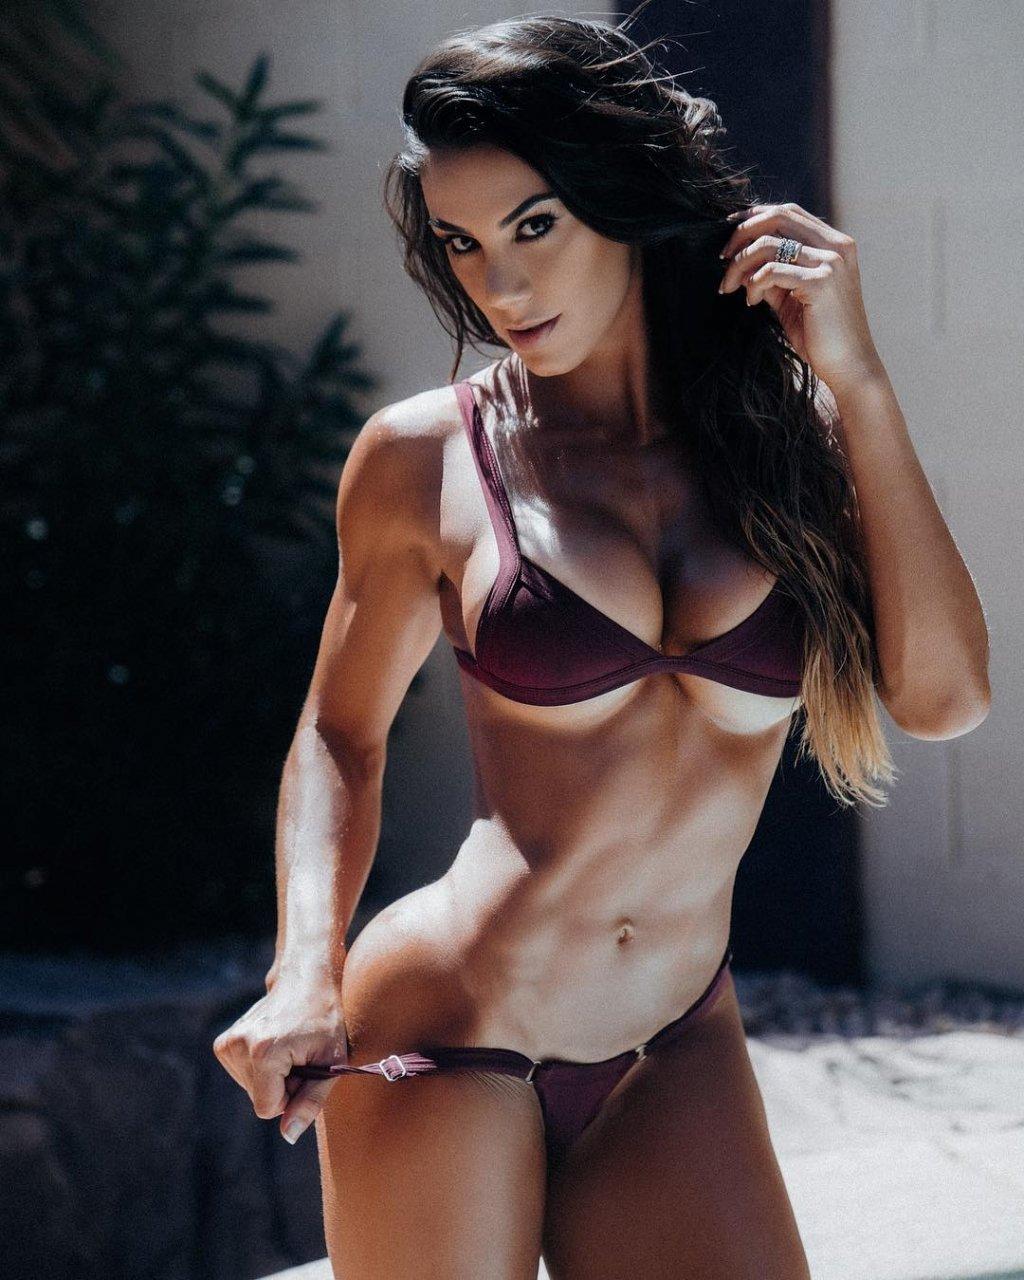 Vietnamese fitness models girl — img 11